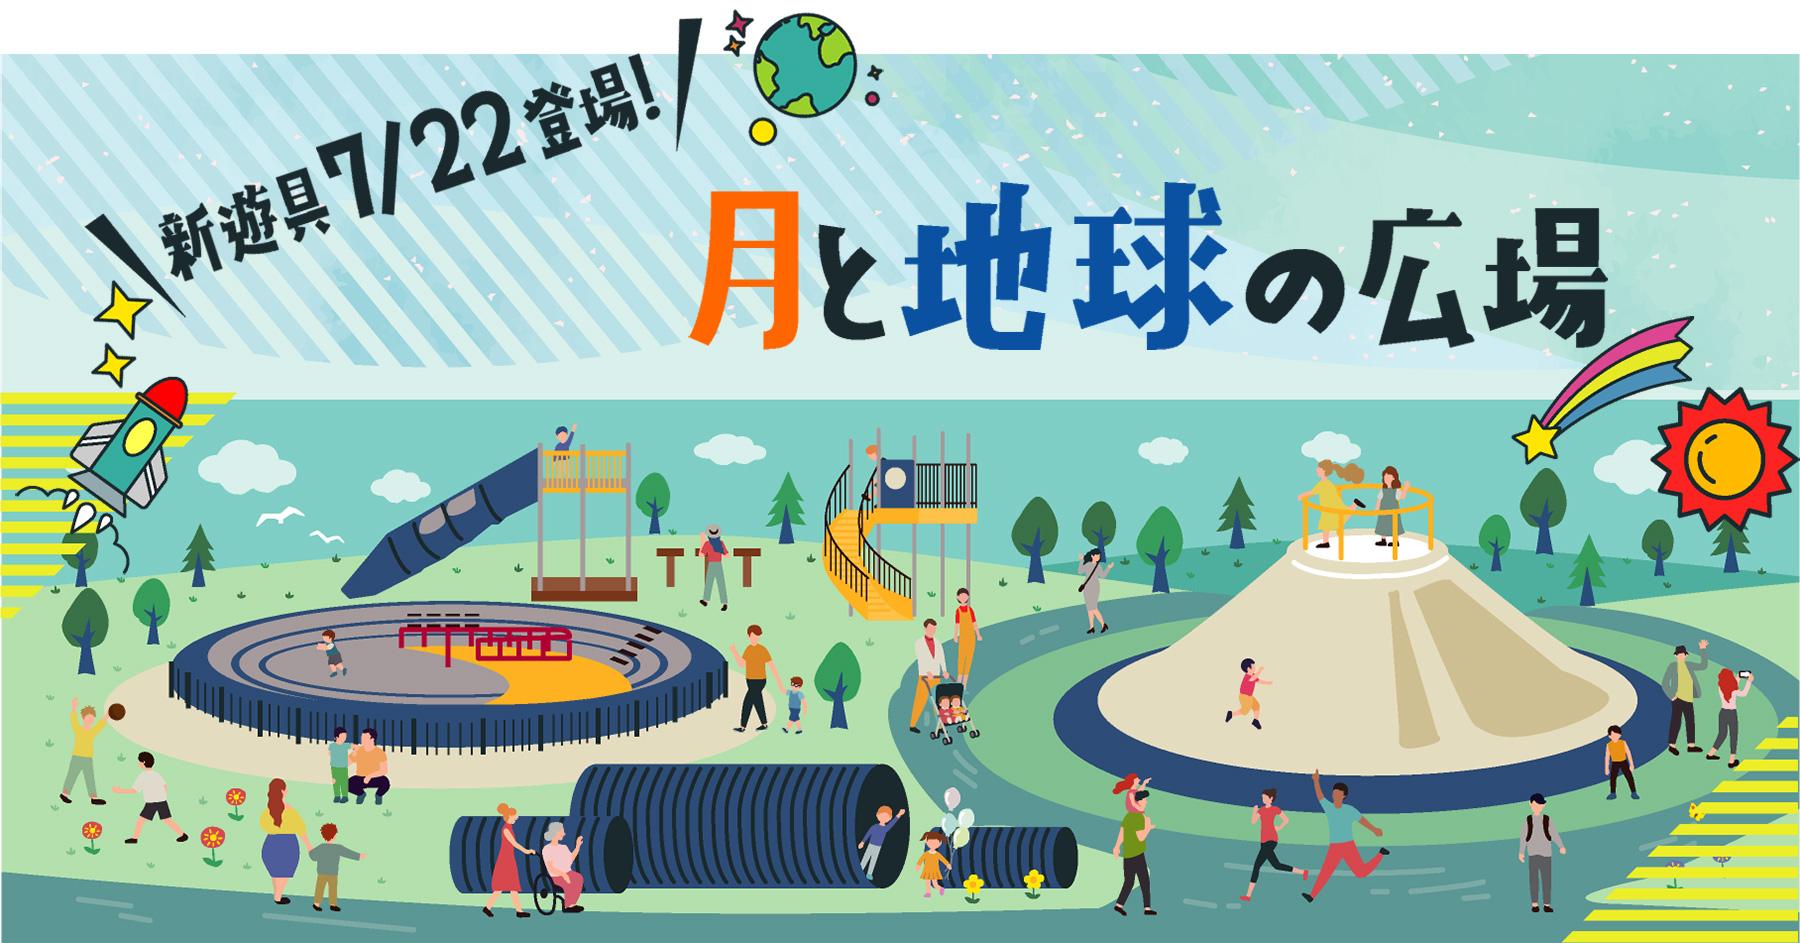 新遊具「月と地球の広場」7月22日登場!